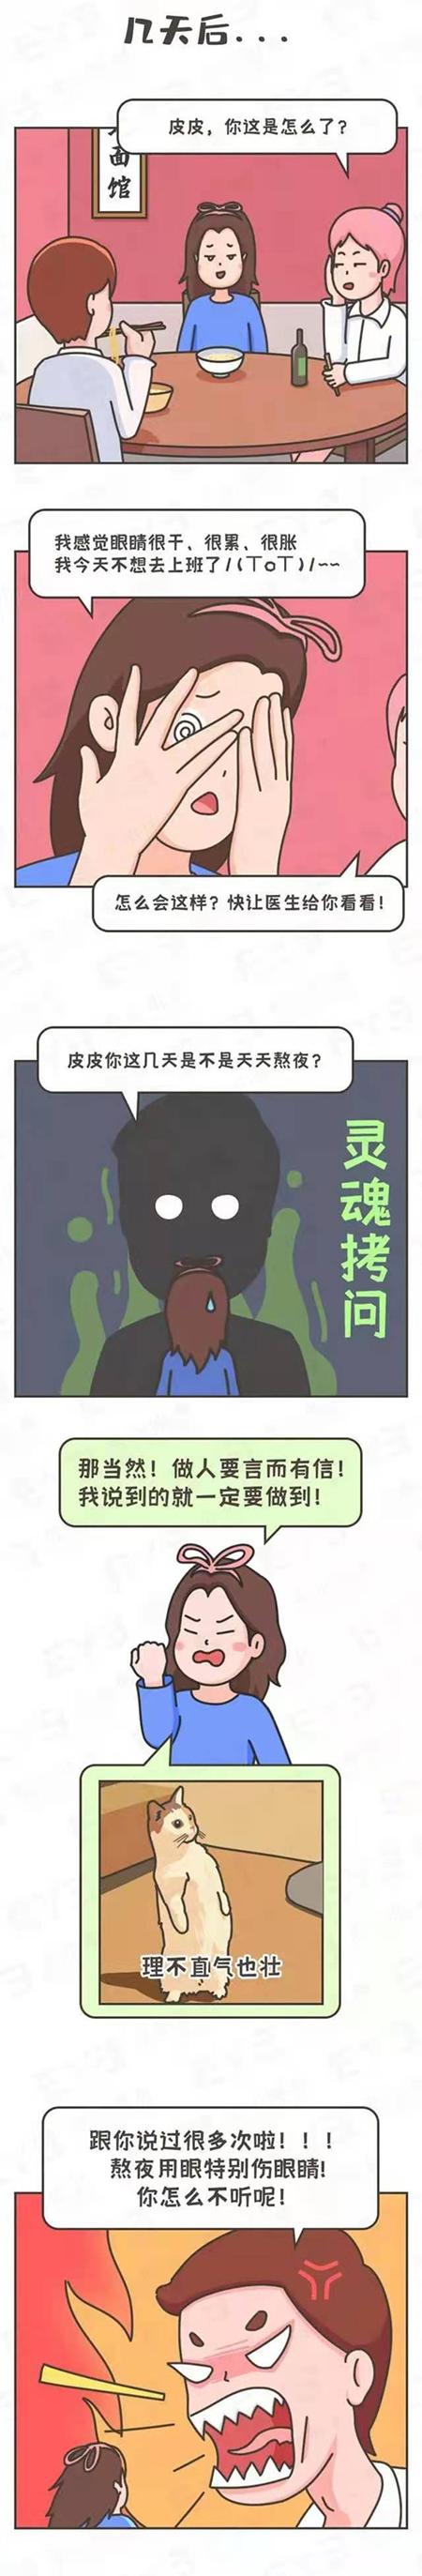 2_副本_副本.png